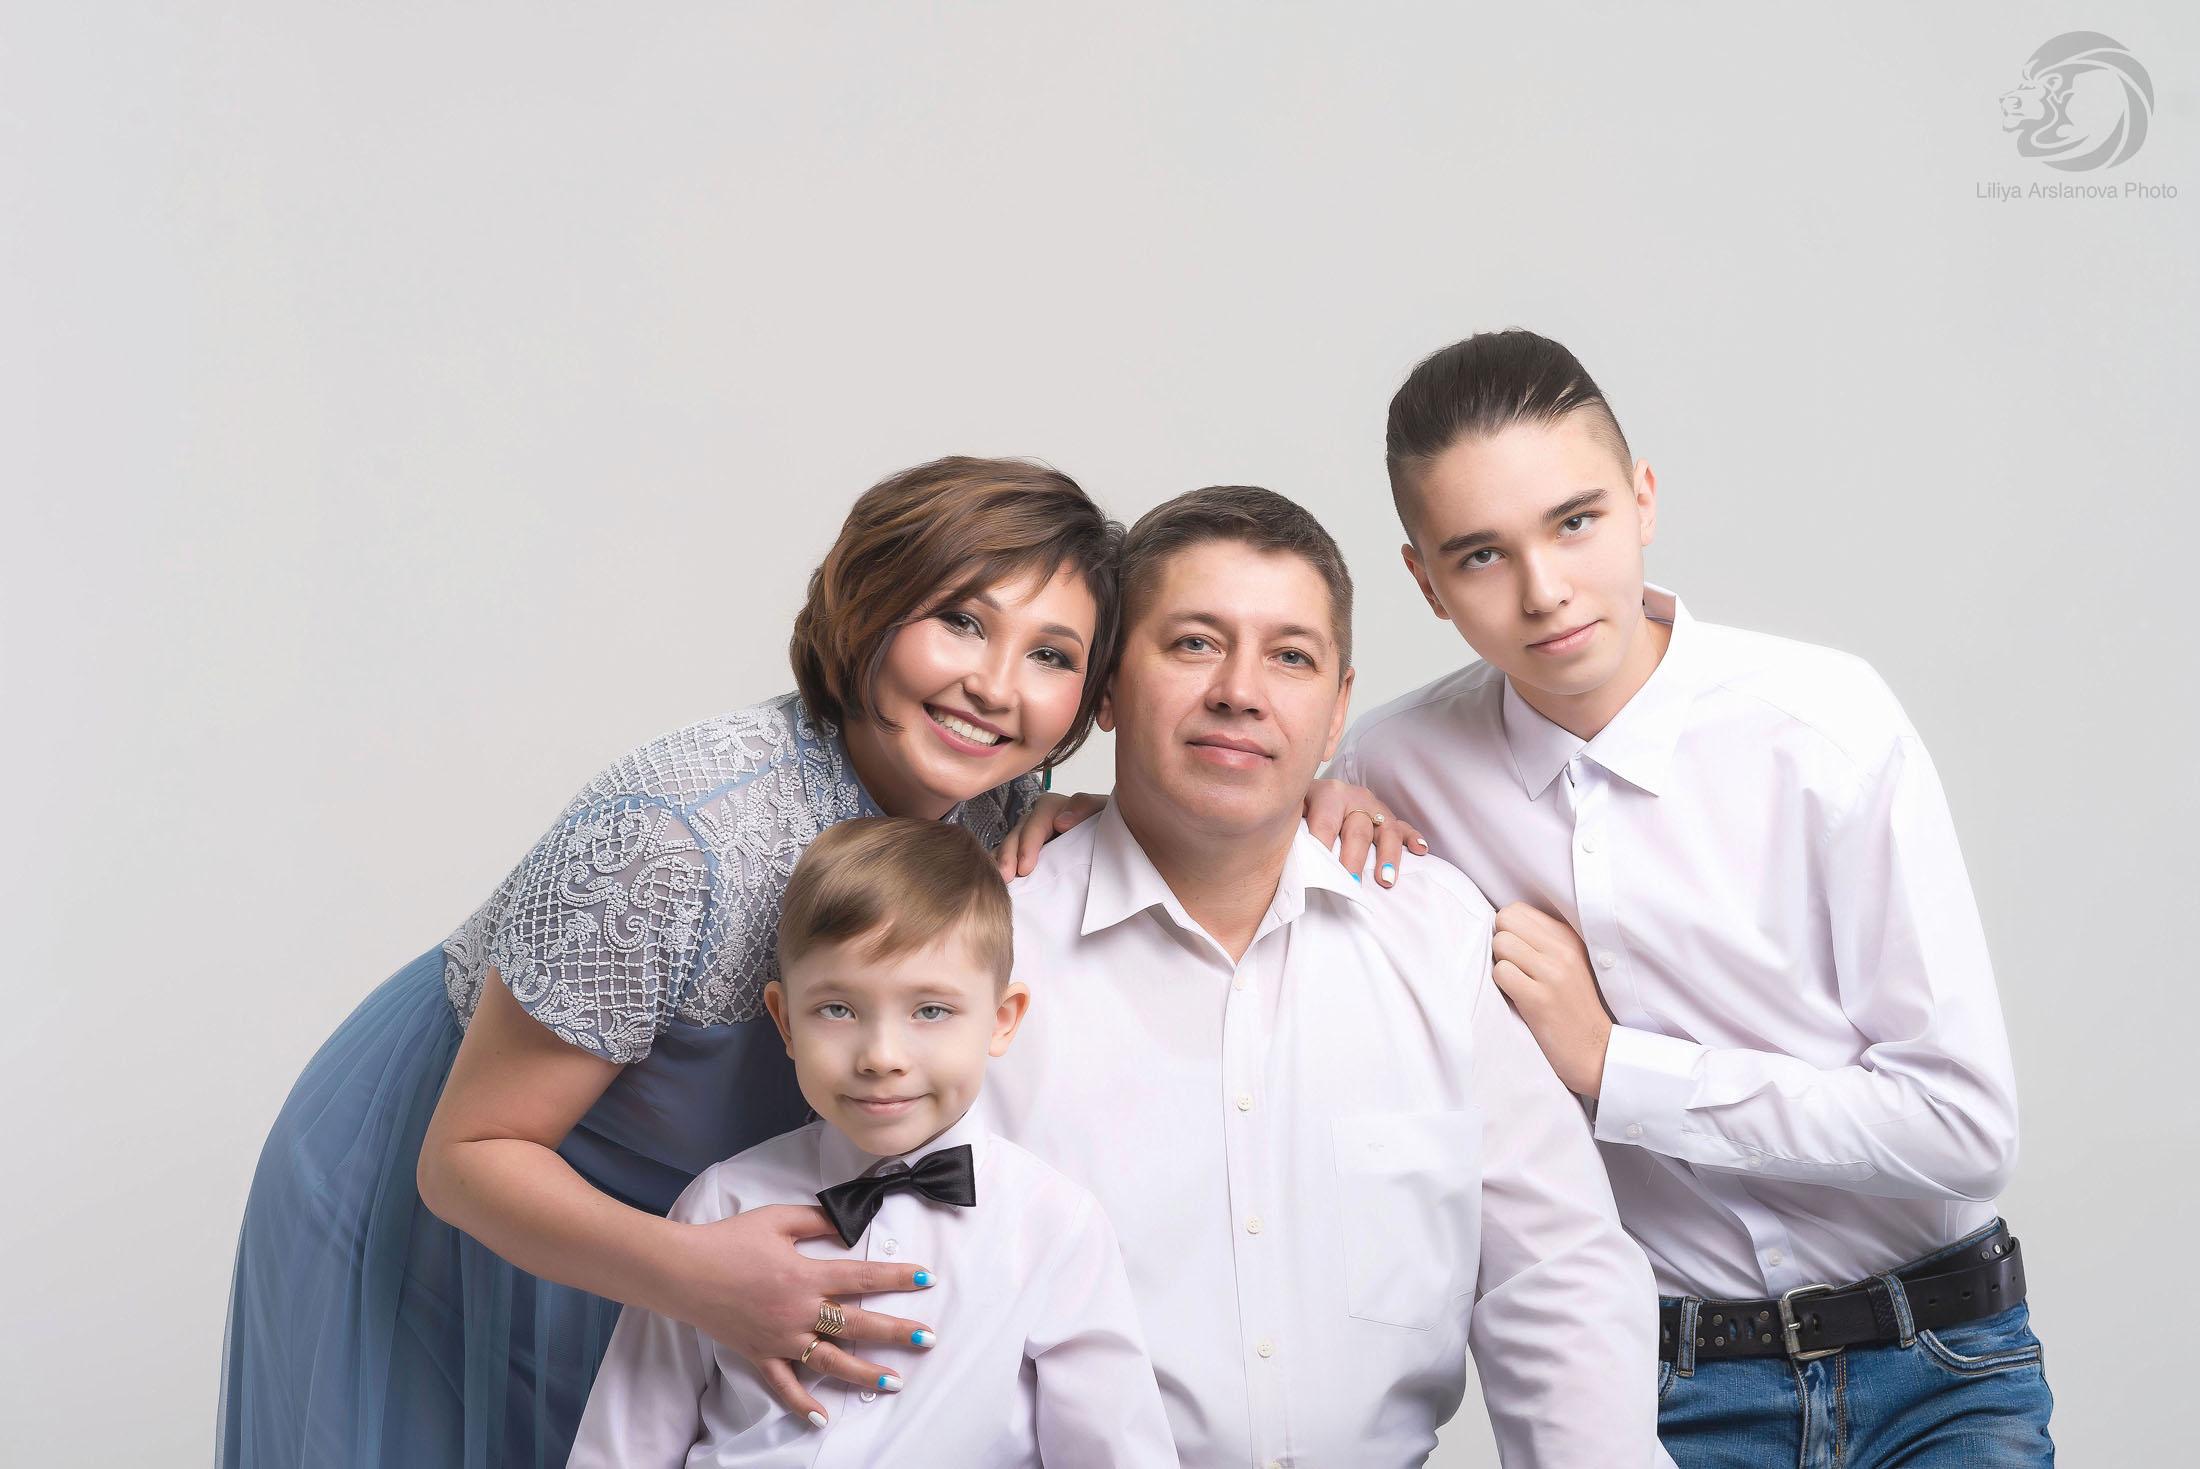 Нарядные и красивые. семейная фотосессия в студии, семейные фотосессии с детьми, в фотостудии Стерлитамак фотограф Лилия Арсланова в Стерлитамаке, профессиональный фотограф Стерлитамак, одежда для семейной фотосессии